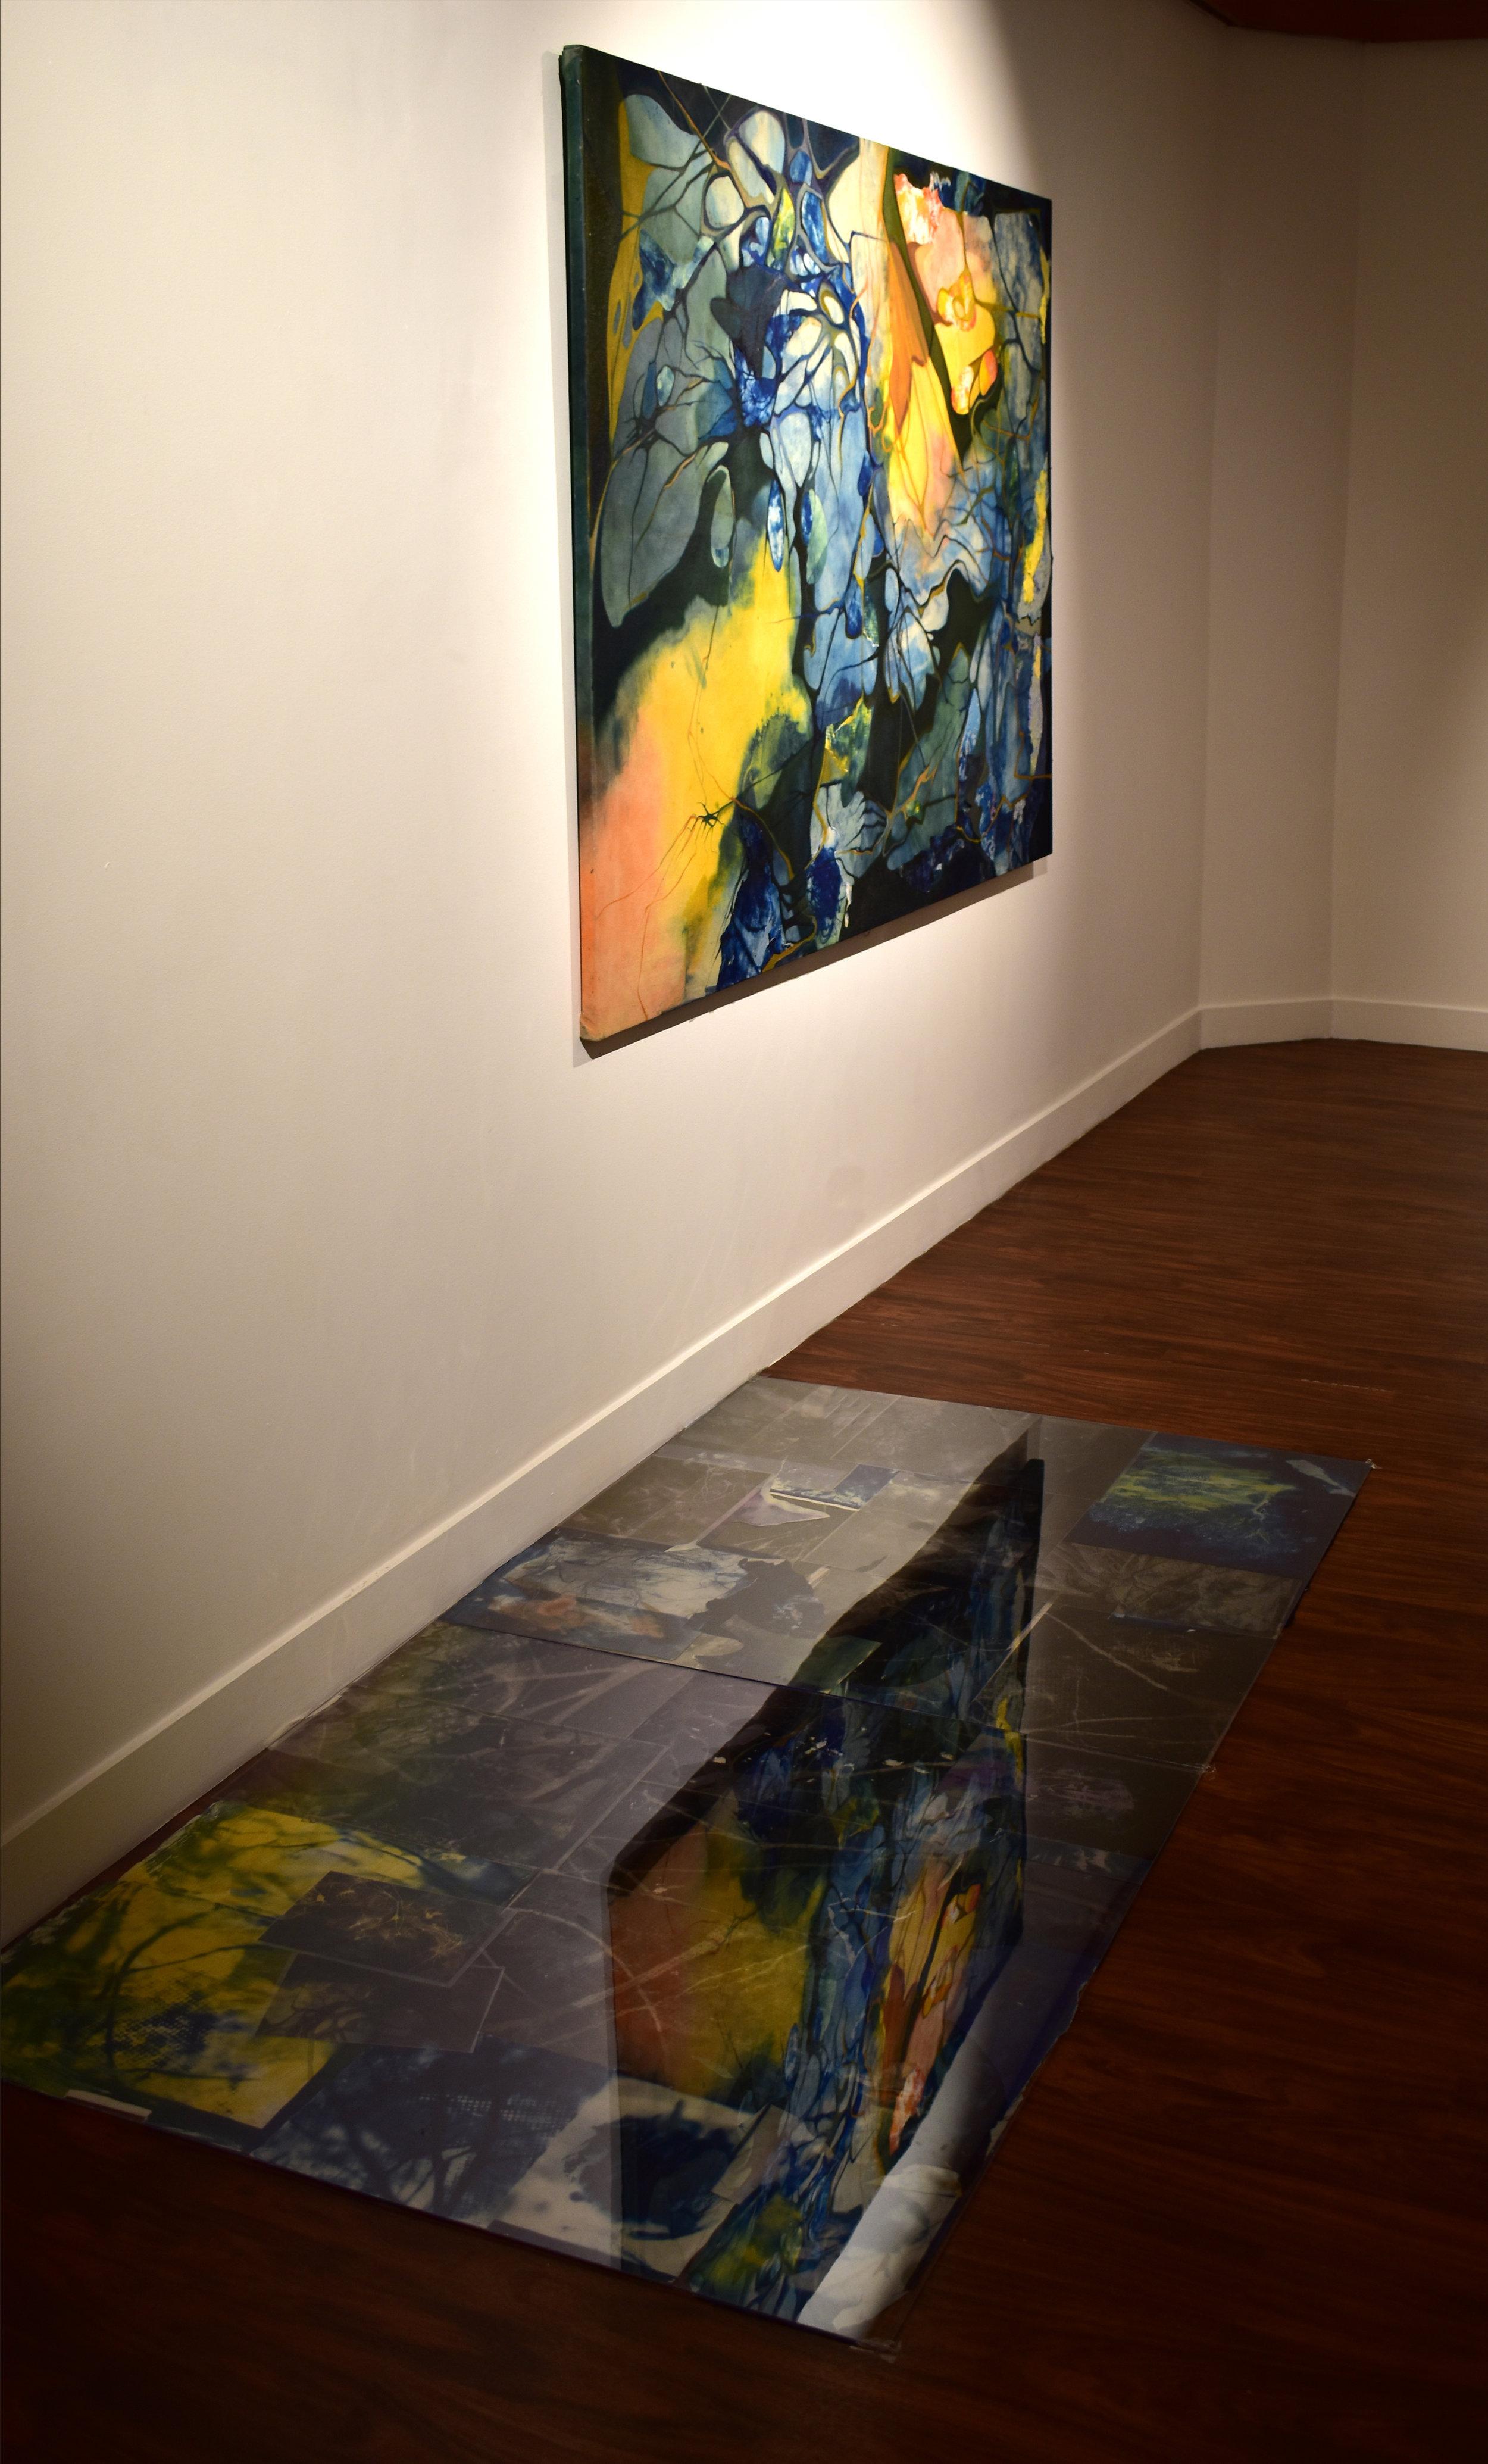 Ondes,  installation, solo exhibition  How to Capture Flow,  Fondation des Etats-Unis, Paris, France, 01/2019